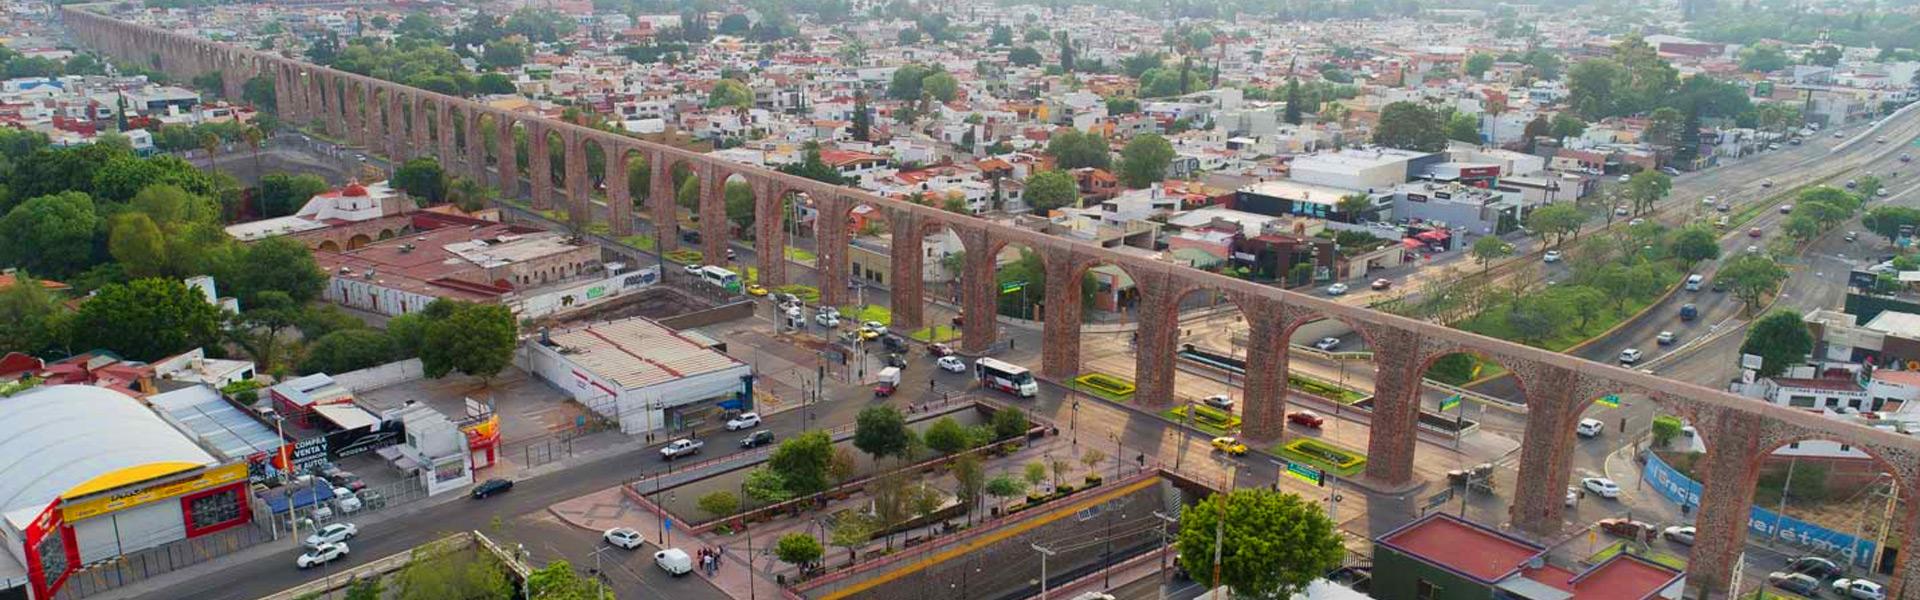 asistencia médica en Querétaro